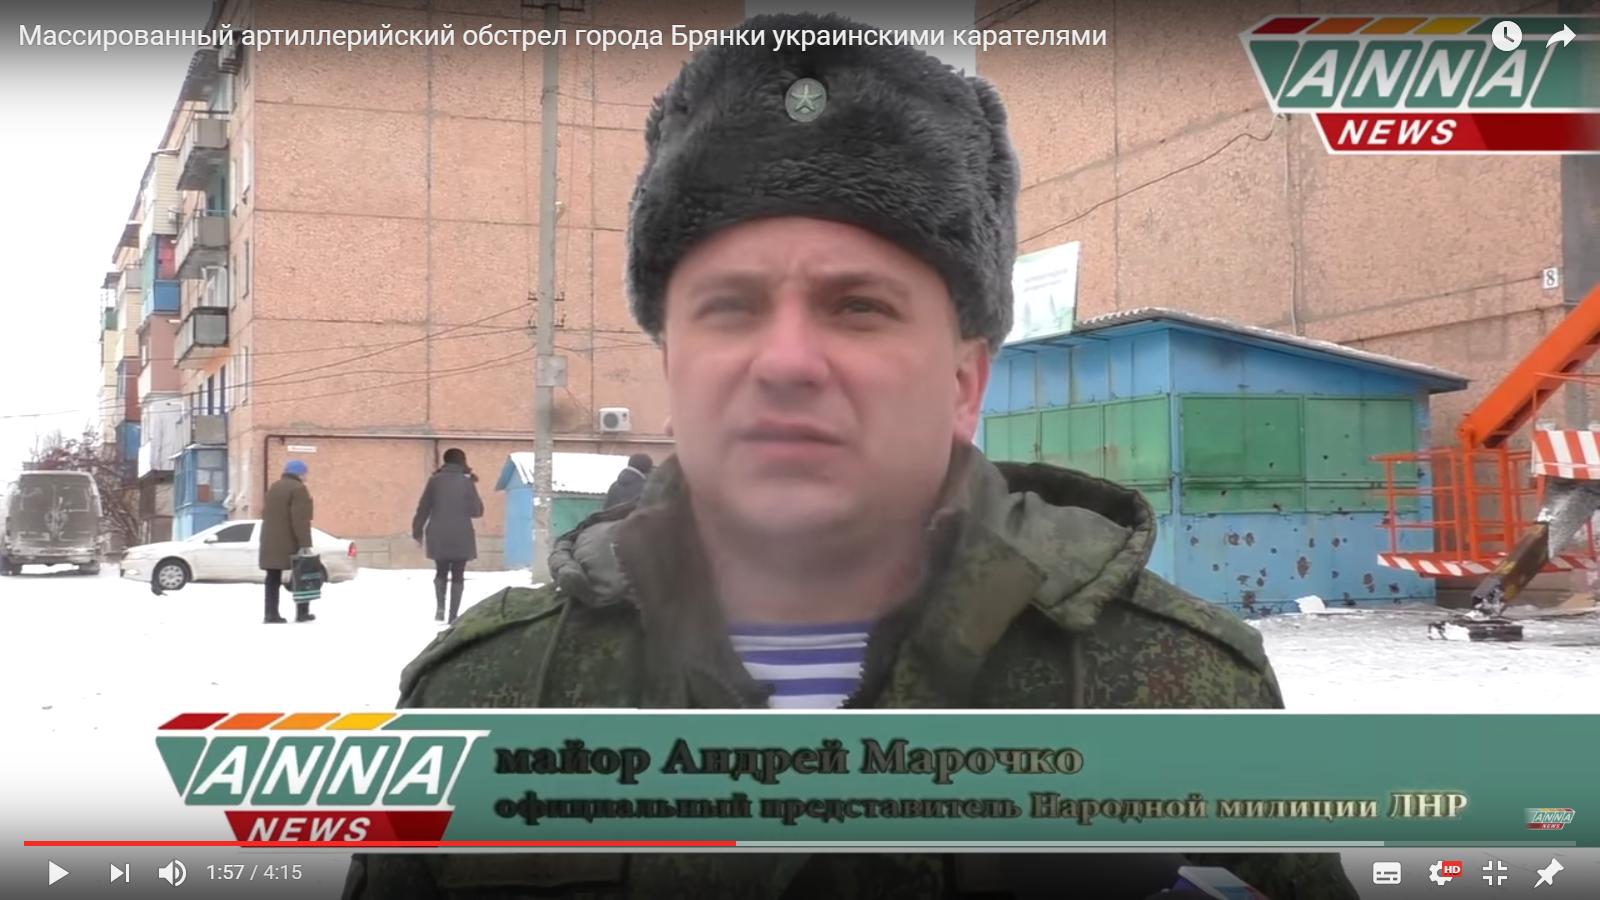 Ryssland behöver iscensatt artilleribeskjutning av Donbass